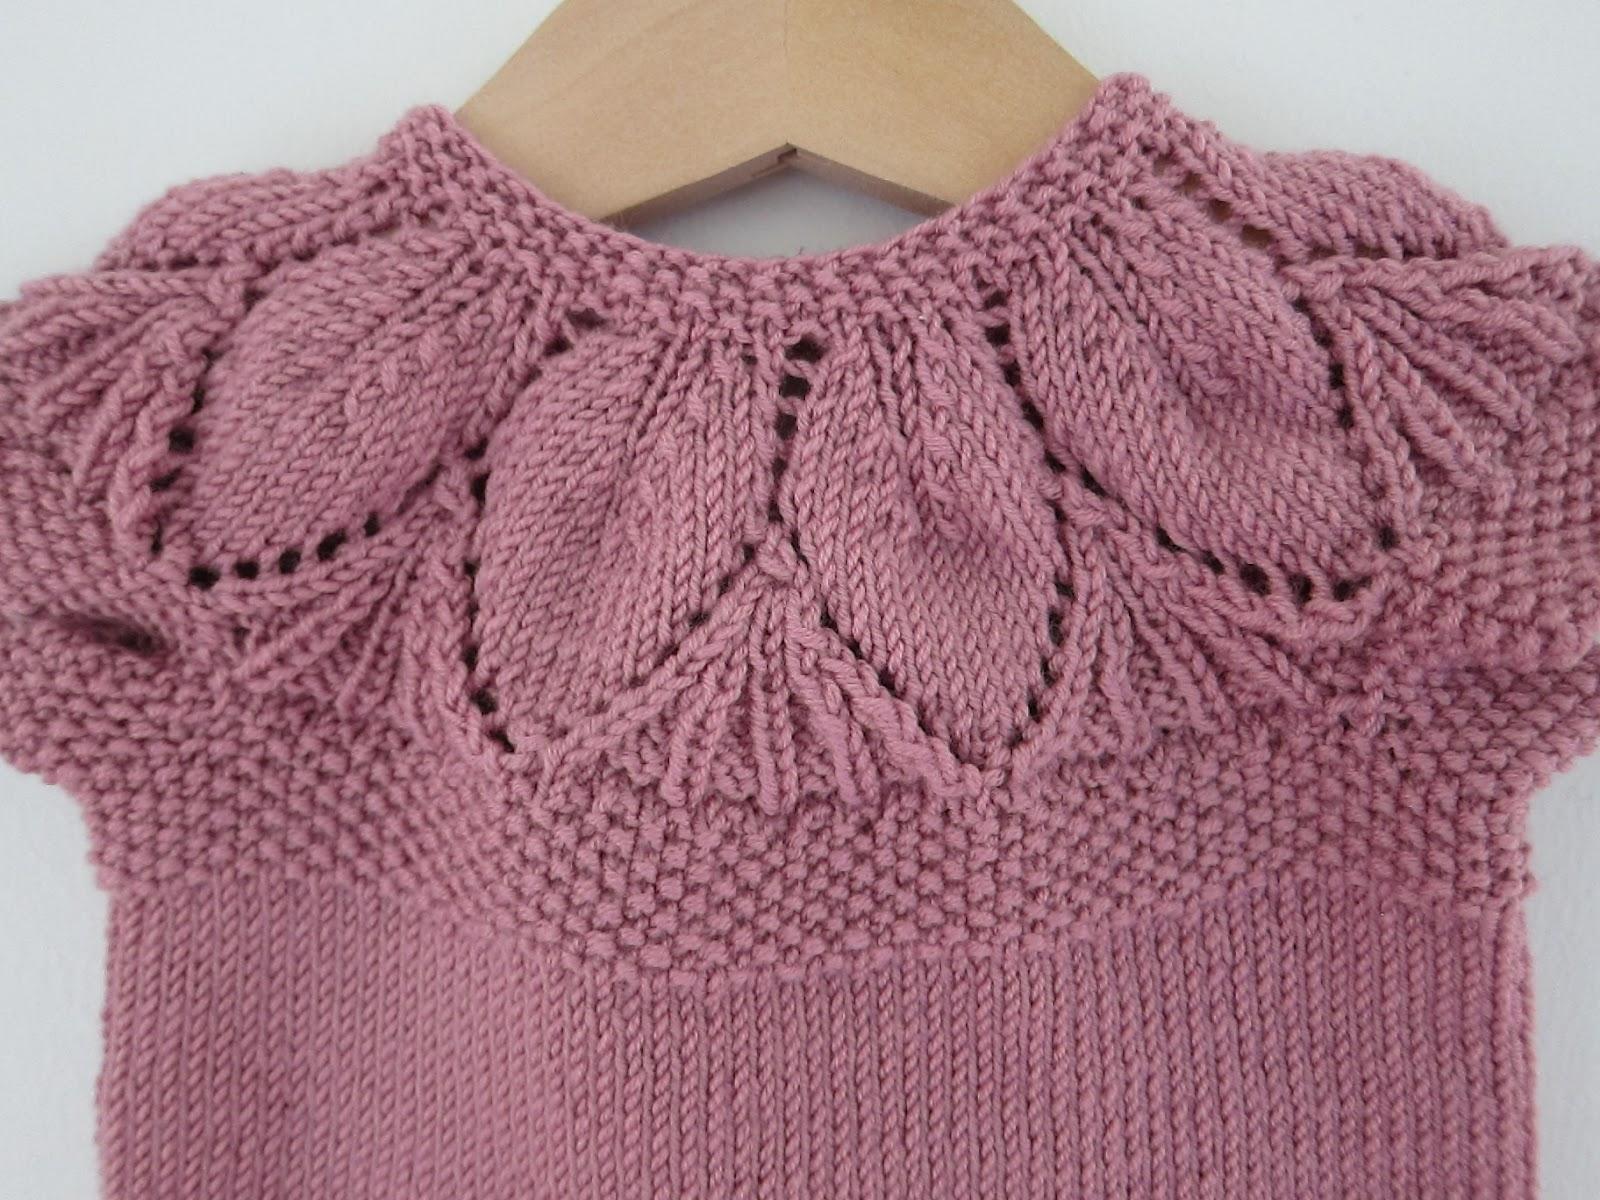 strikket kjole opskrift